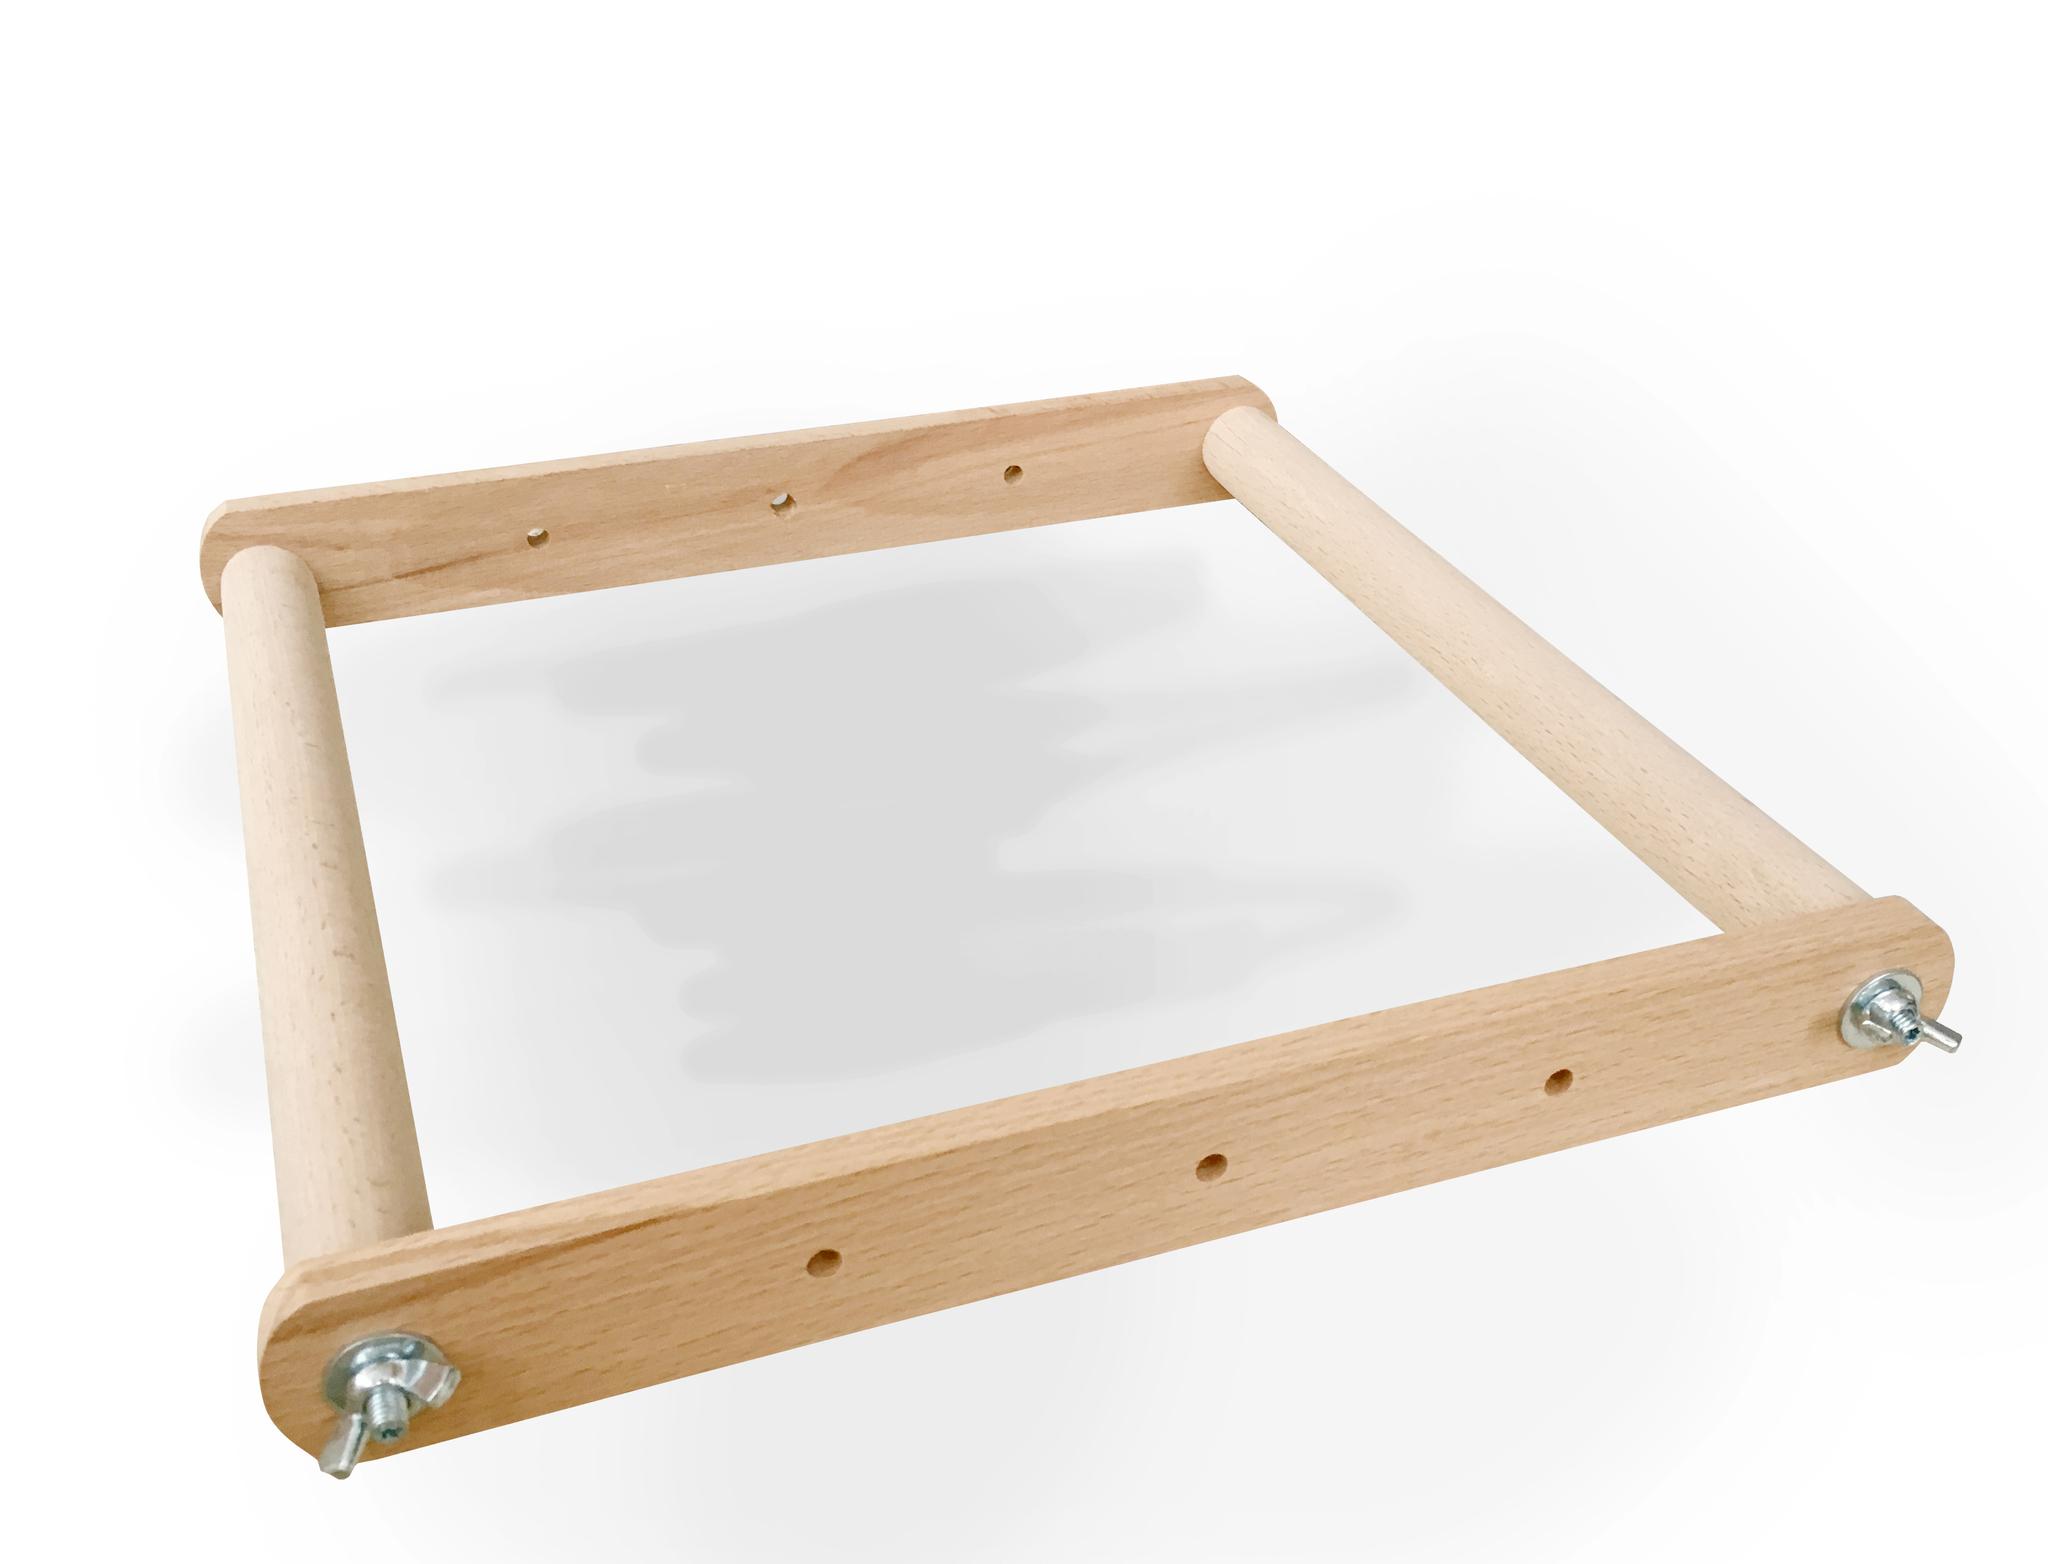 #ПростоПяльца Пяльцы-рамка 30х60 см рамка.jpg